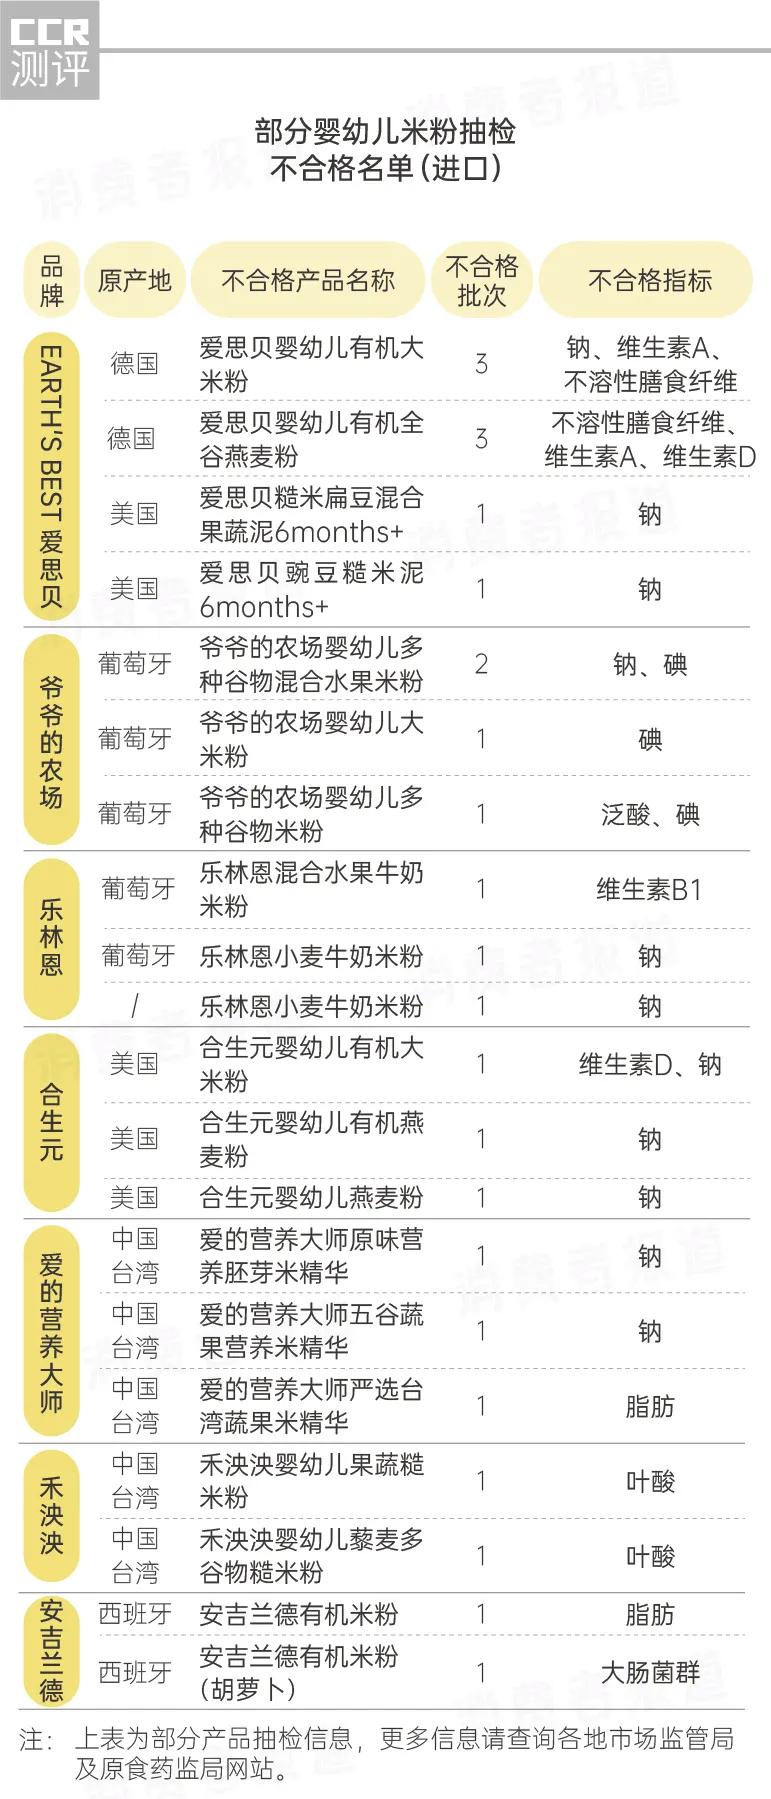 嬰幼兒米粉抽檢報告:214批次不合格 愛思貝、合生元上榜